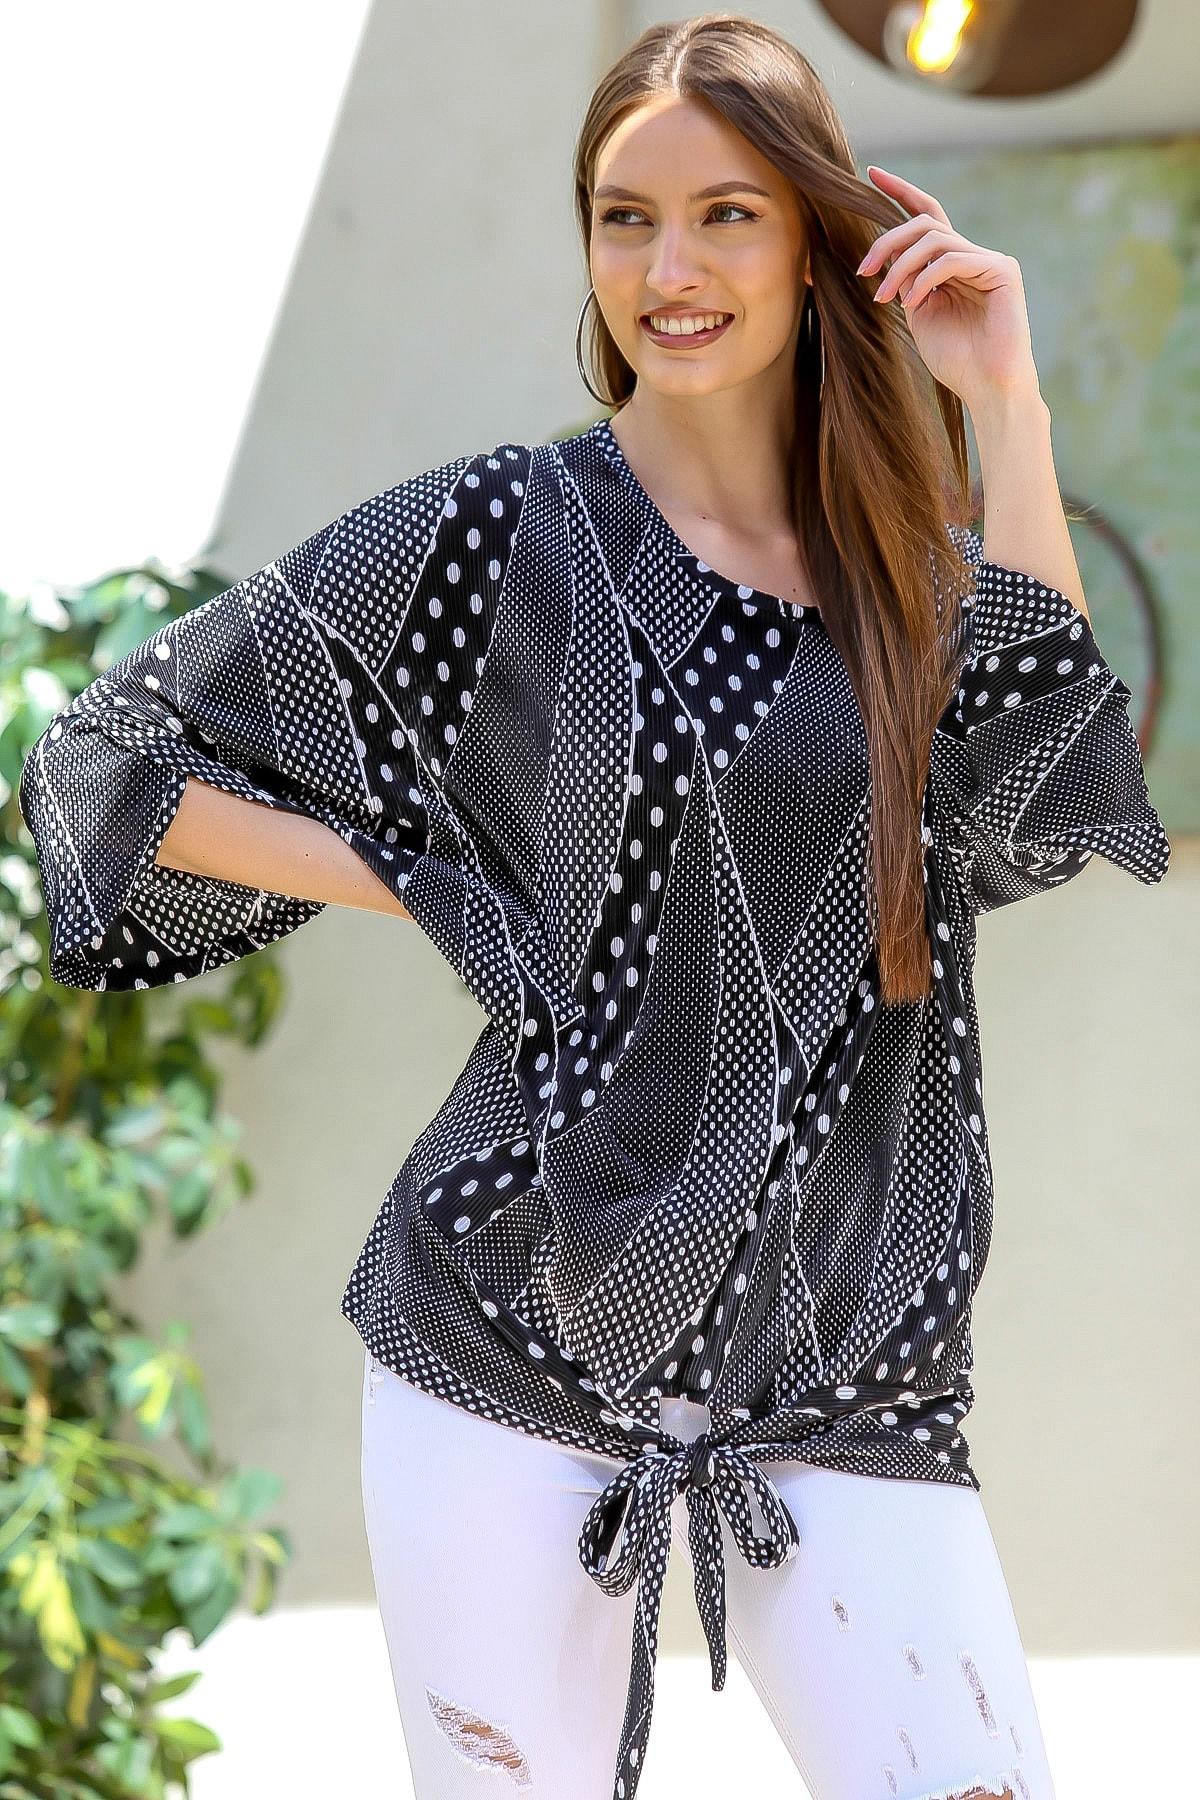 Chiccy Kadın Siyah Pliseli Puantiye Desenli 3/4 Kol Bağlamalı Bluz M10010200BL95402 0